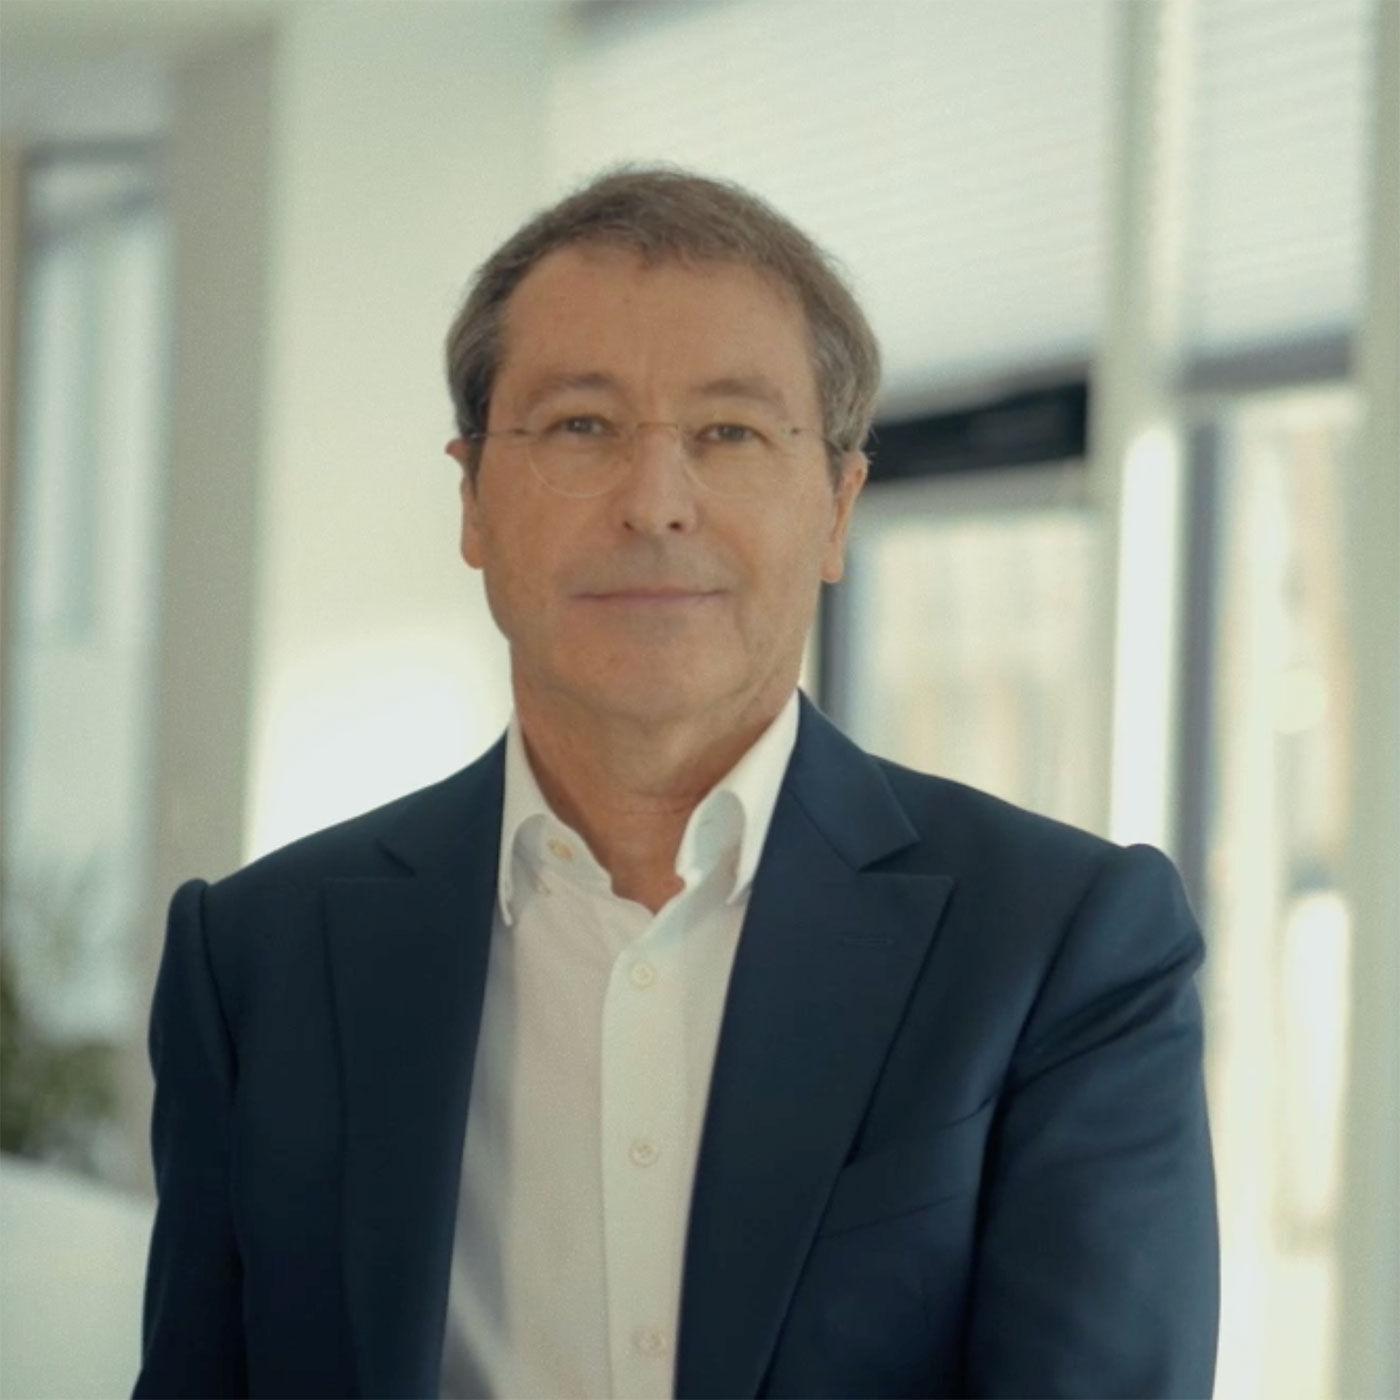 Entretien avec Pascal de Izaguirre, PDG de Corsair